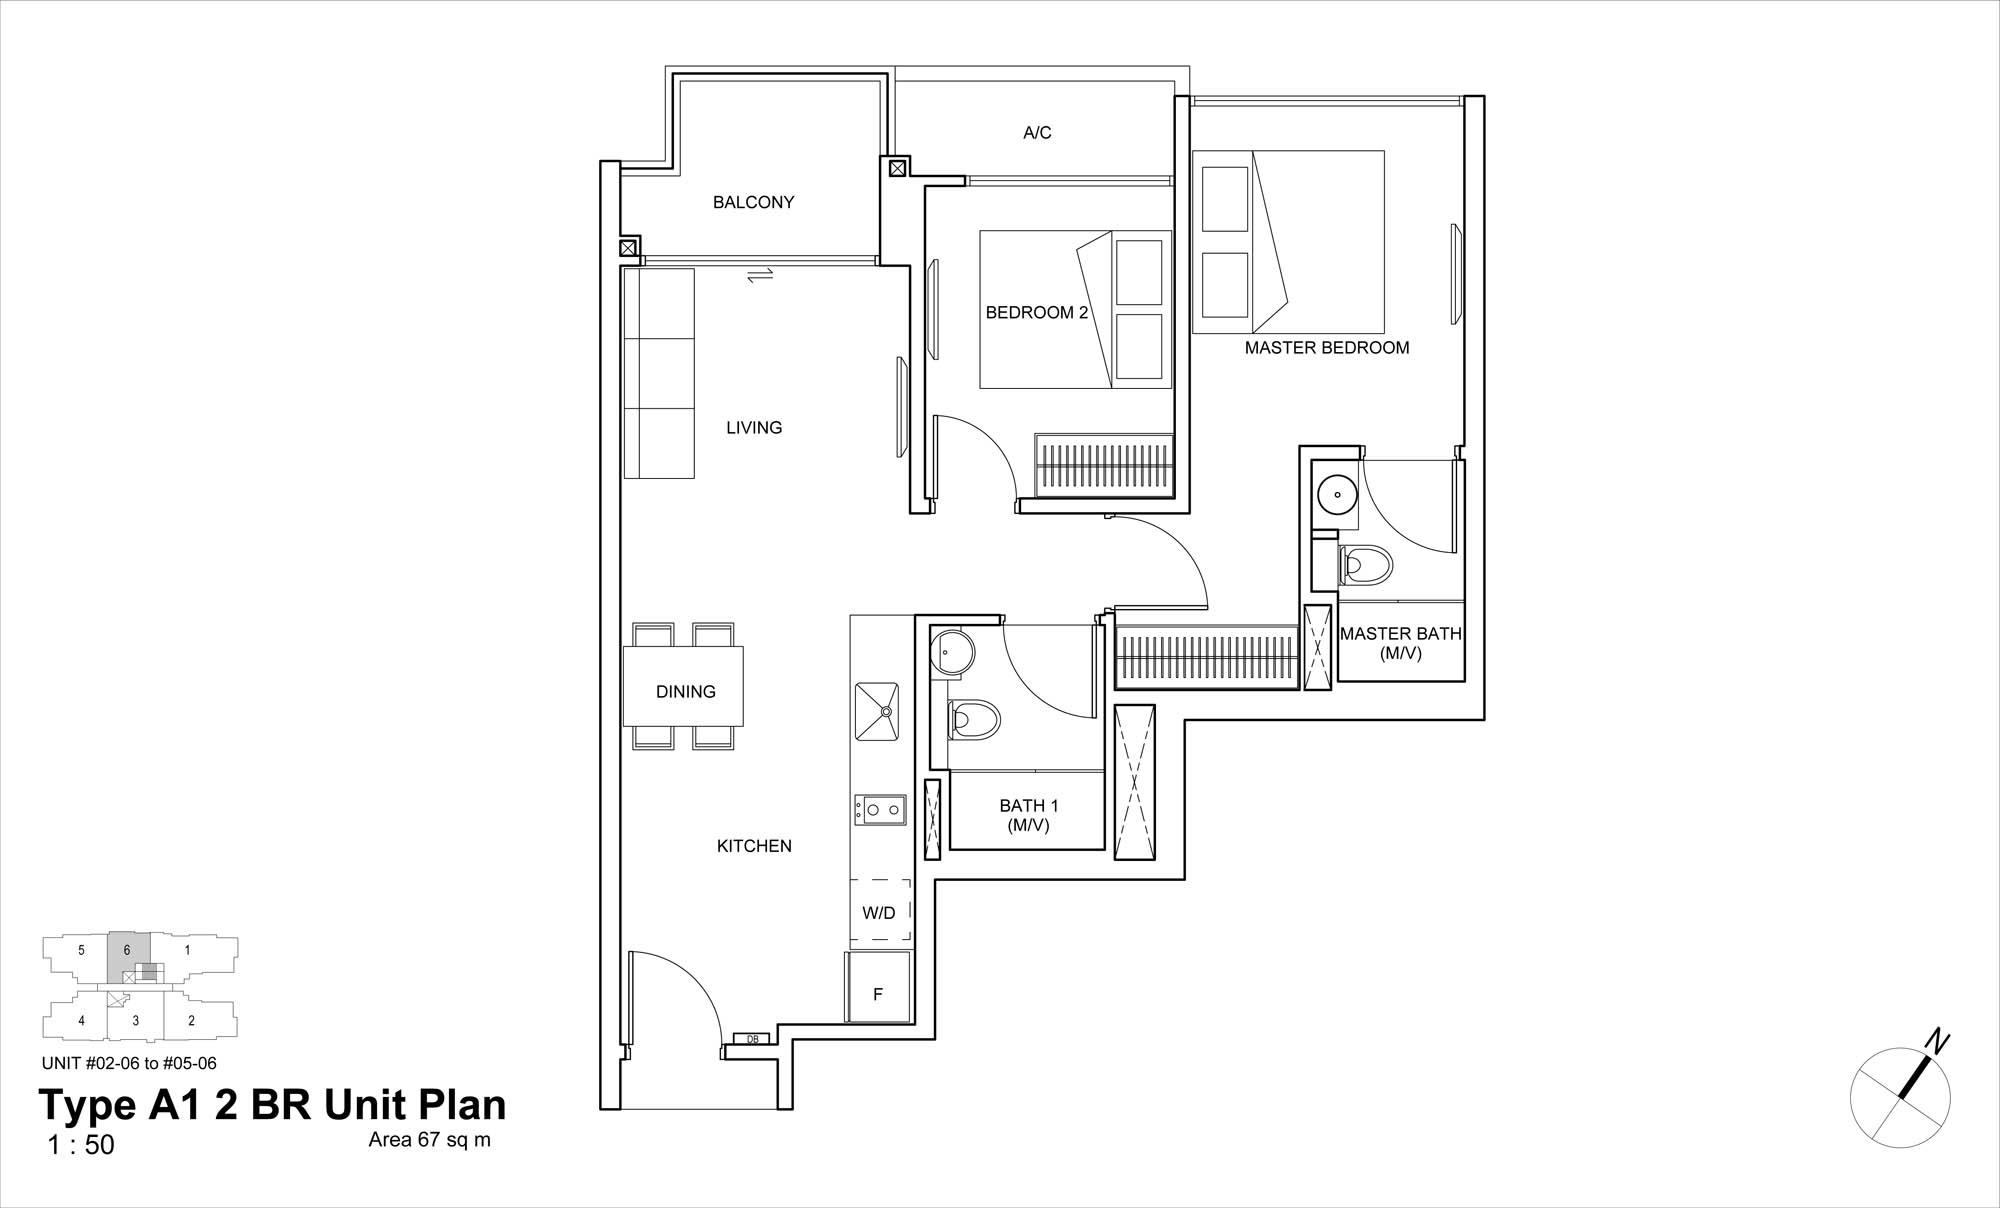 Straits mansions condo 2 bedrooms floor plans a1 for Condo floor plans 2 bedroom